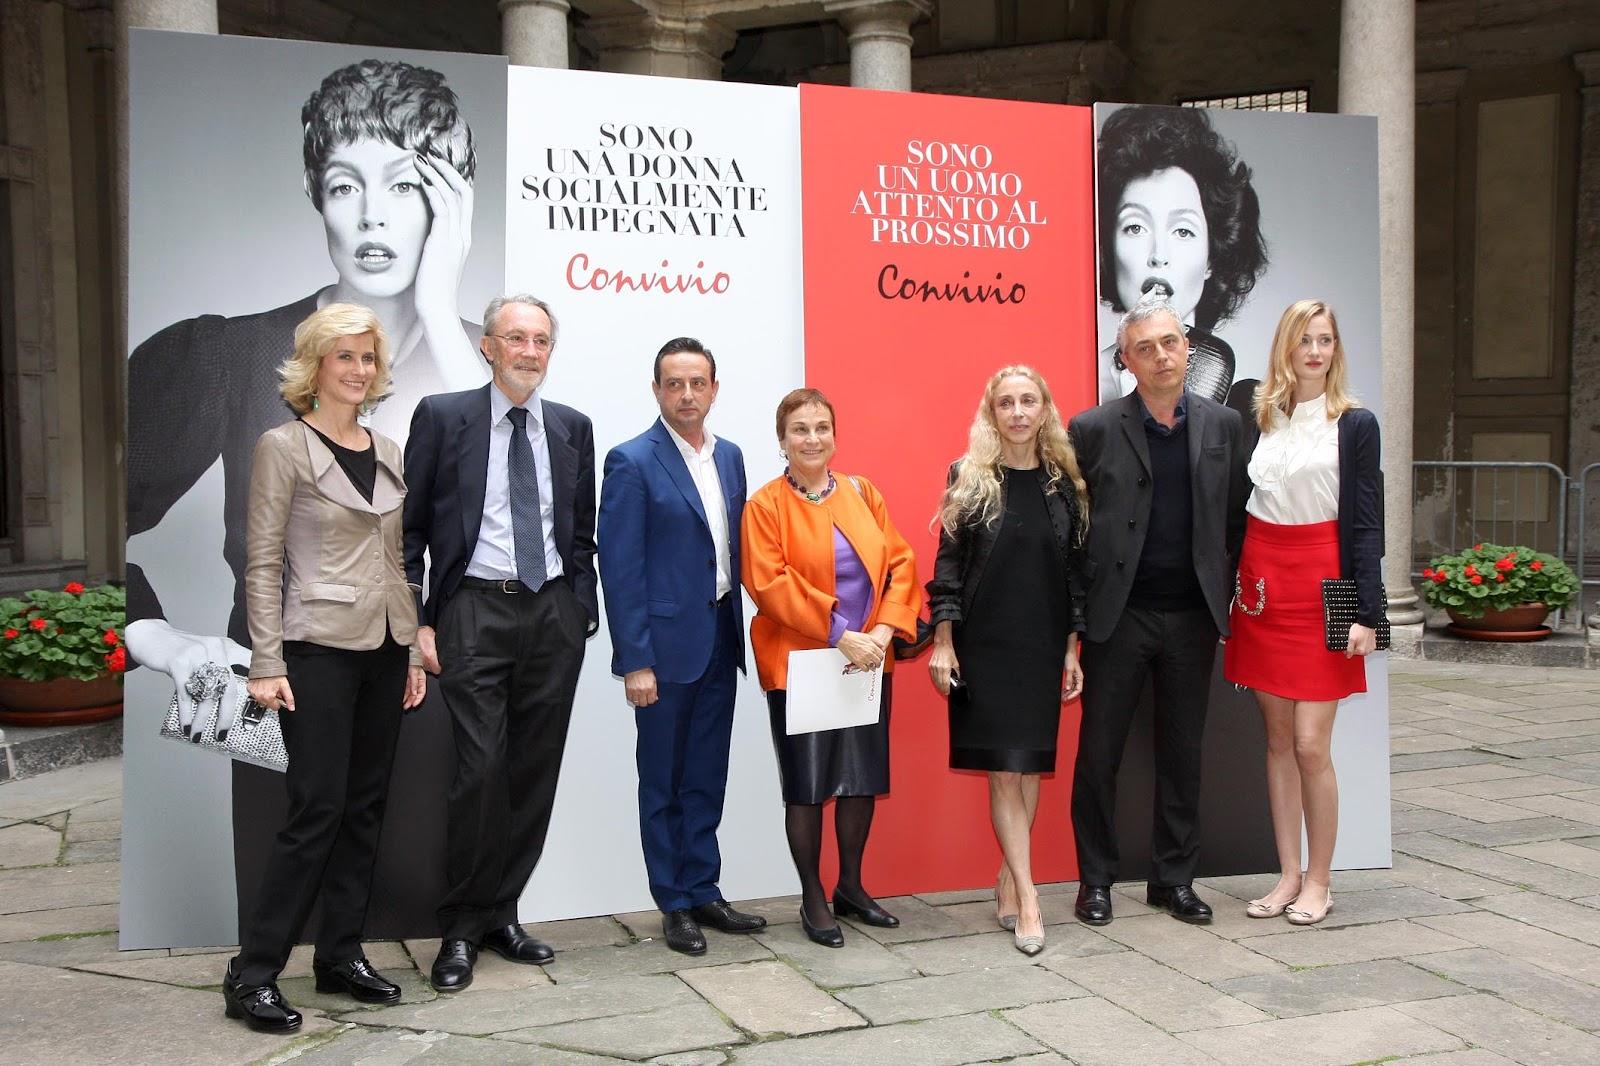 Convivio 2012 Vogue